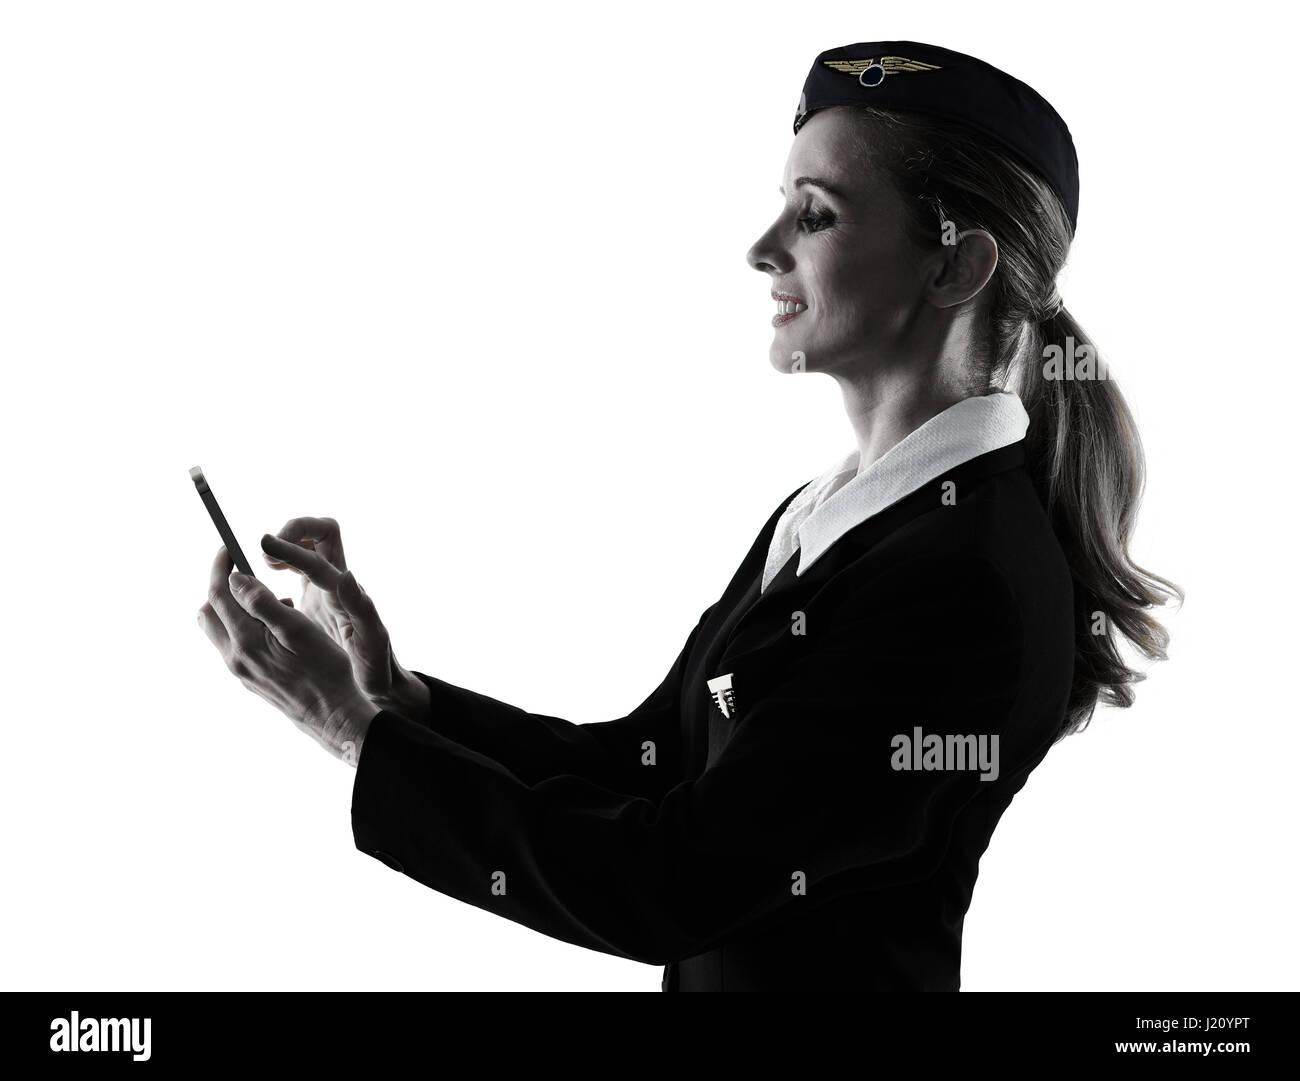 eine kaukasische Stewardess Cabin Crew Frau am Telefon isoliert auf weißem Hintergrund in der silhouette Stockbild